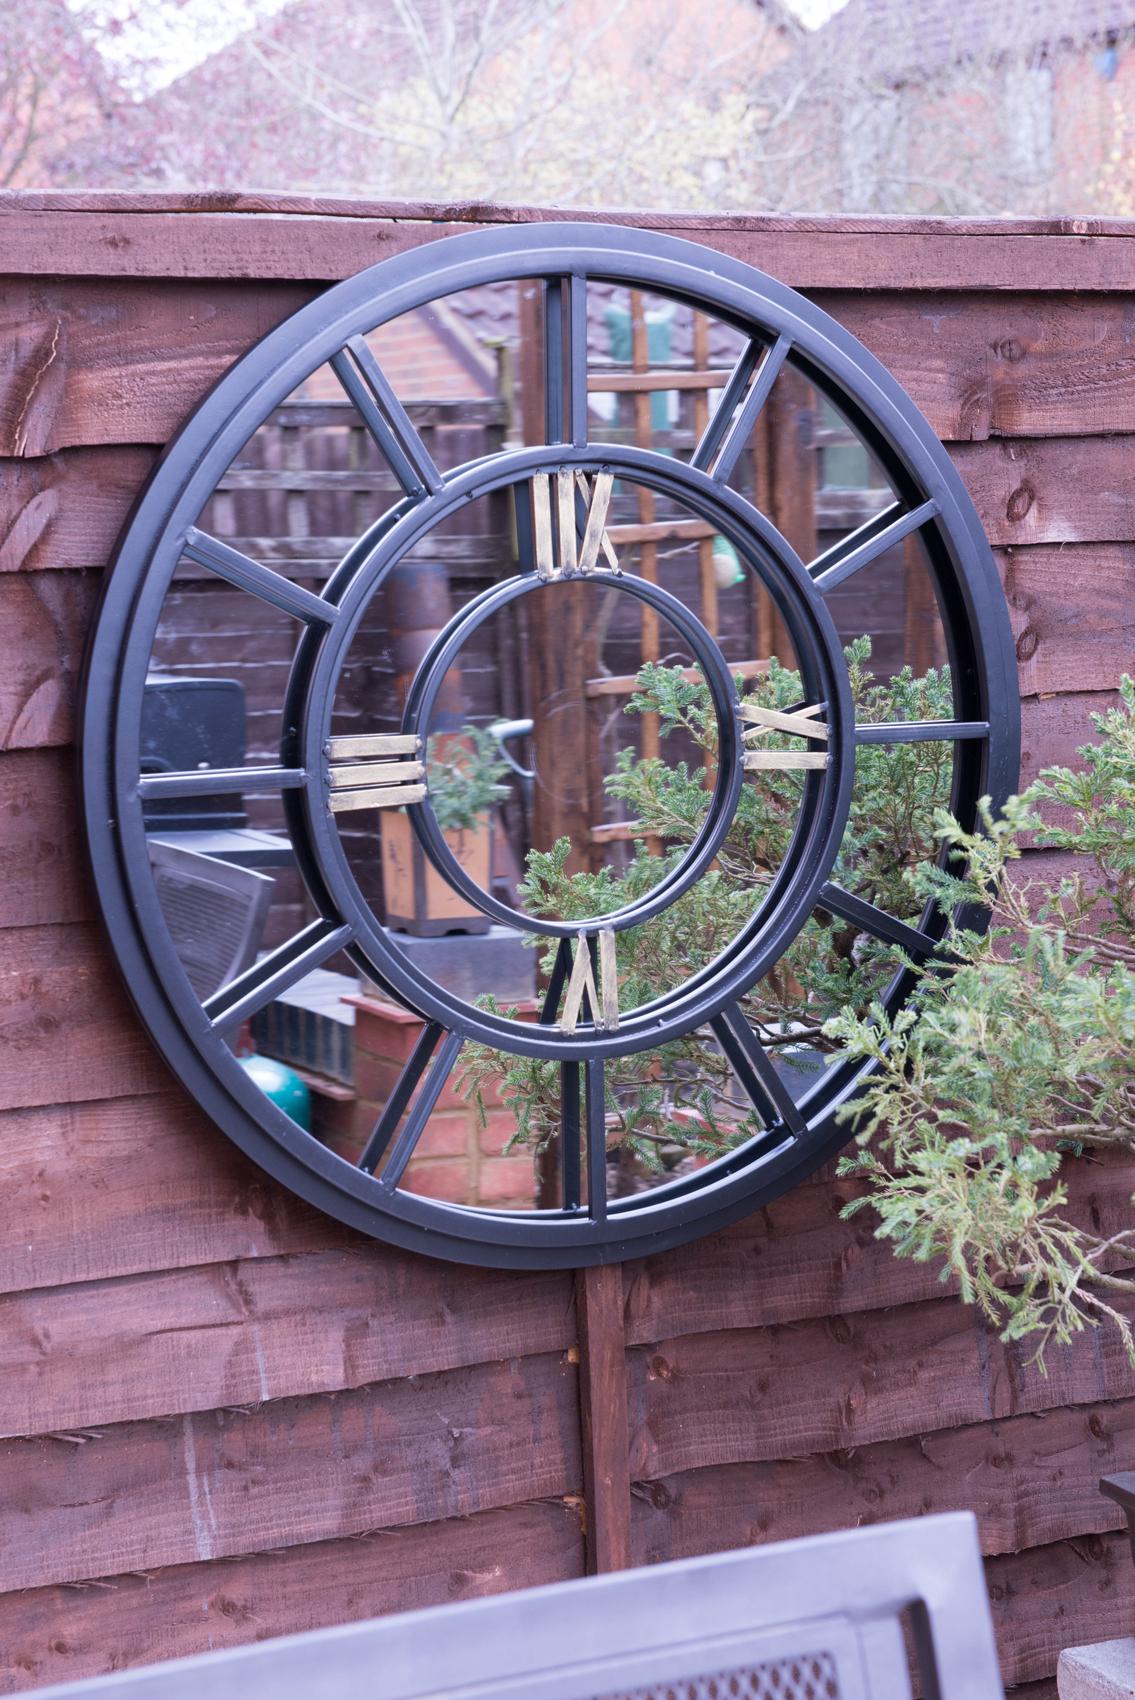 Outdoor Garden Wall Mirrors Pertaining To Most Current Watchet Black Victorian Indoor Outdoor Garden Wall Mirror 78x78 Cm (View 5 of 20)